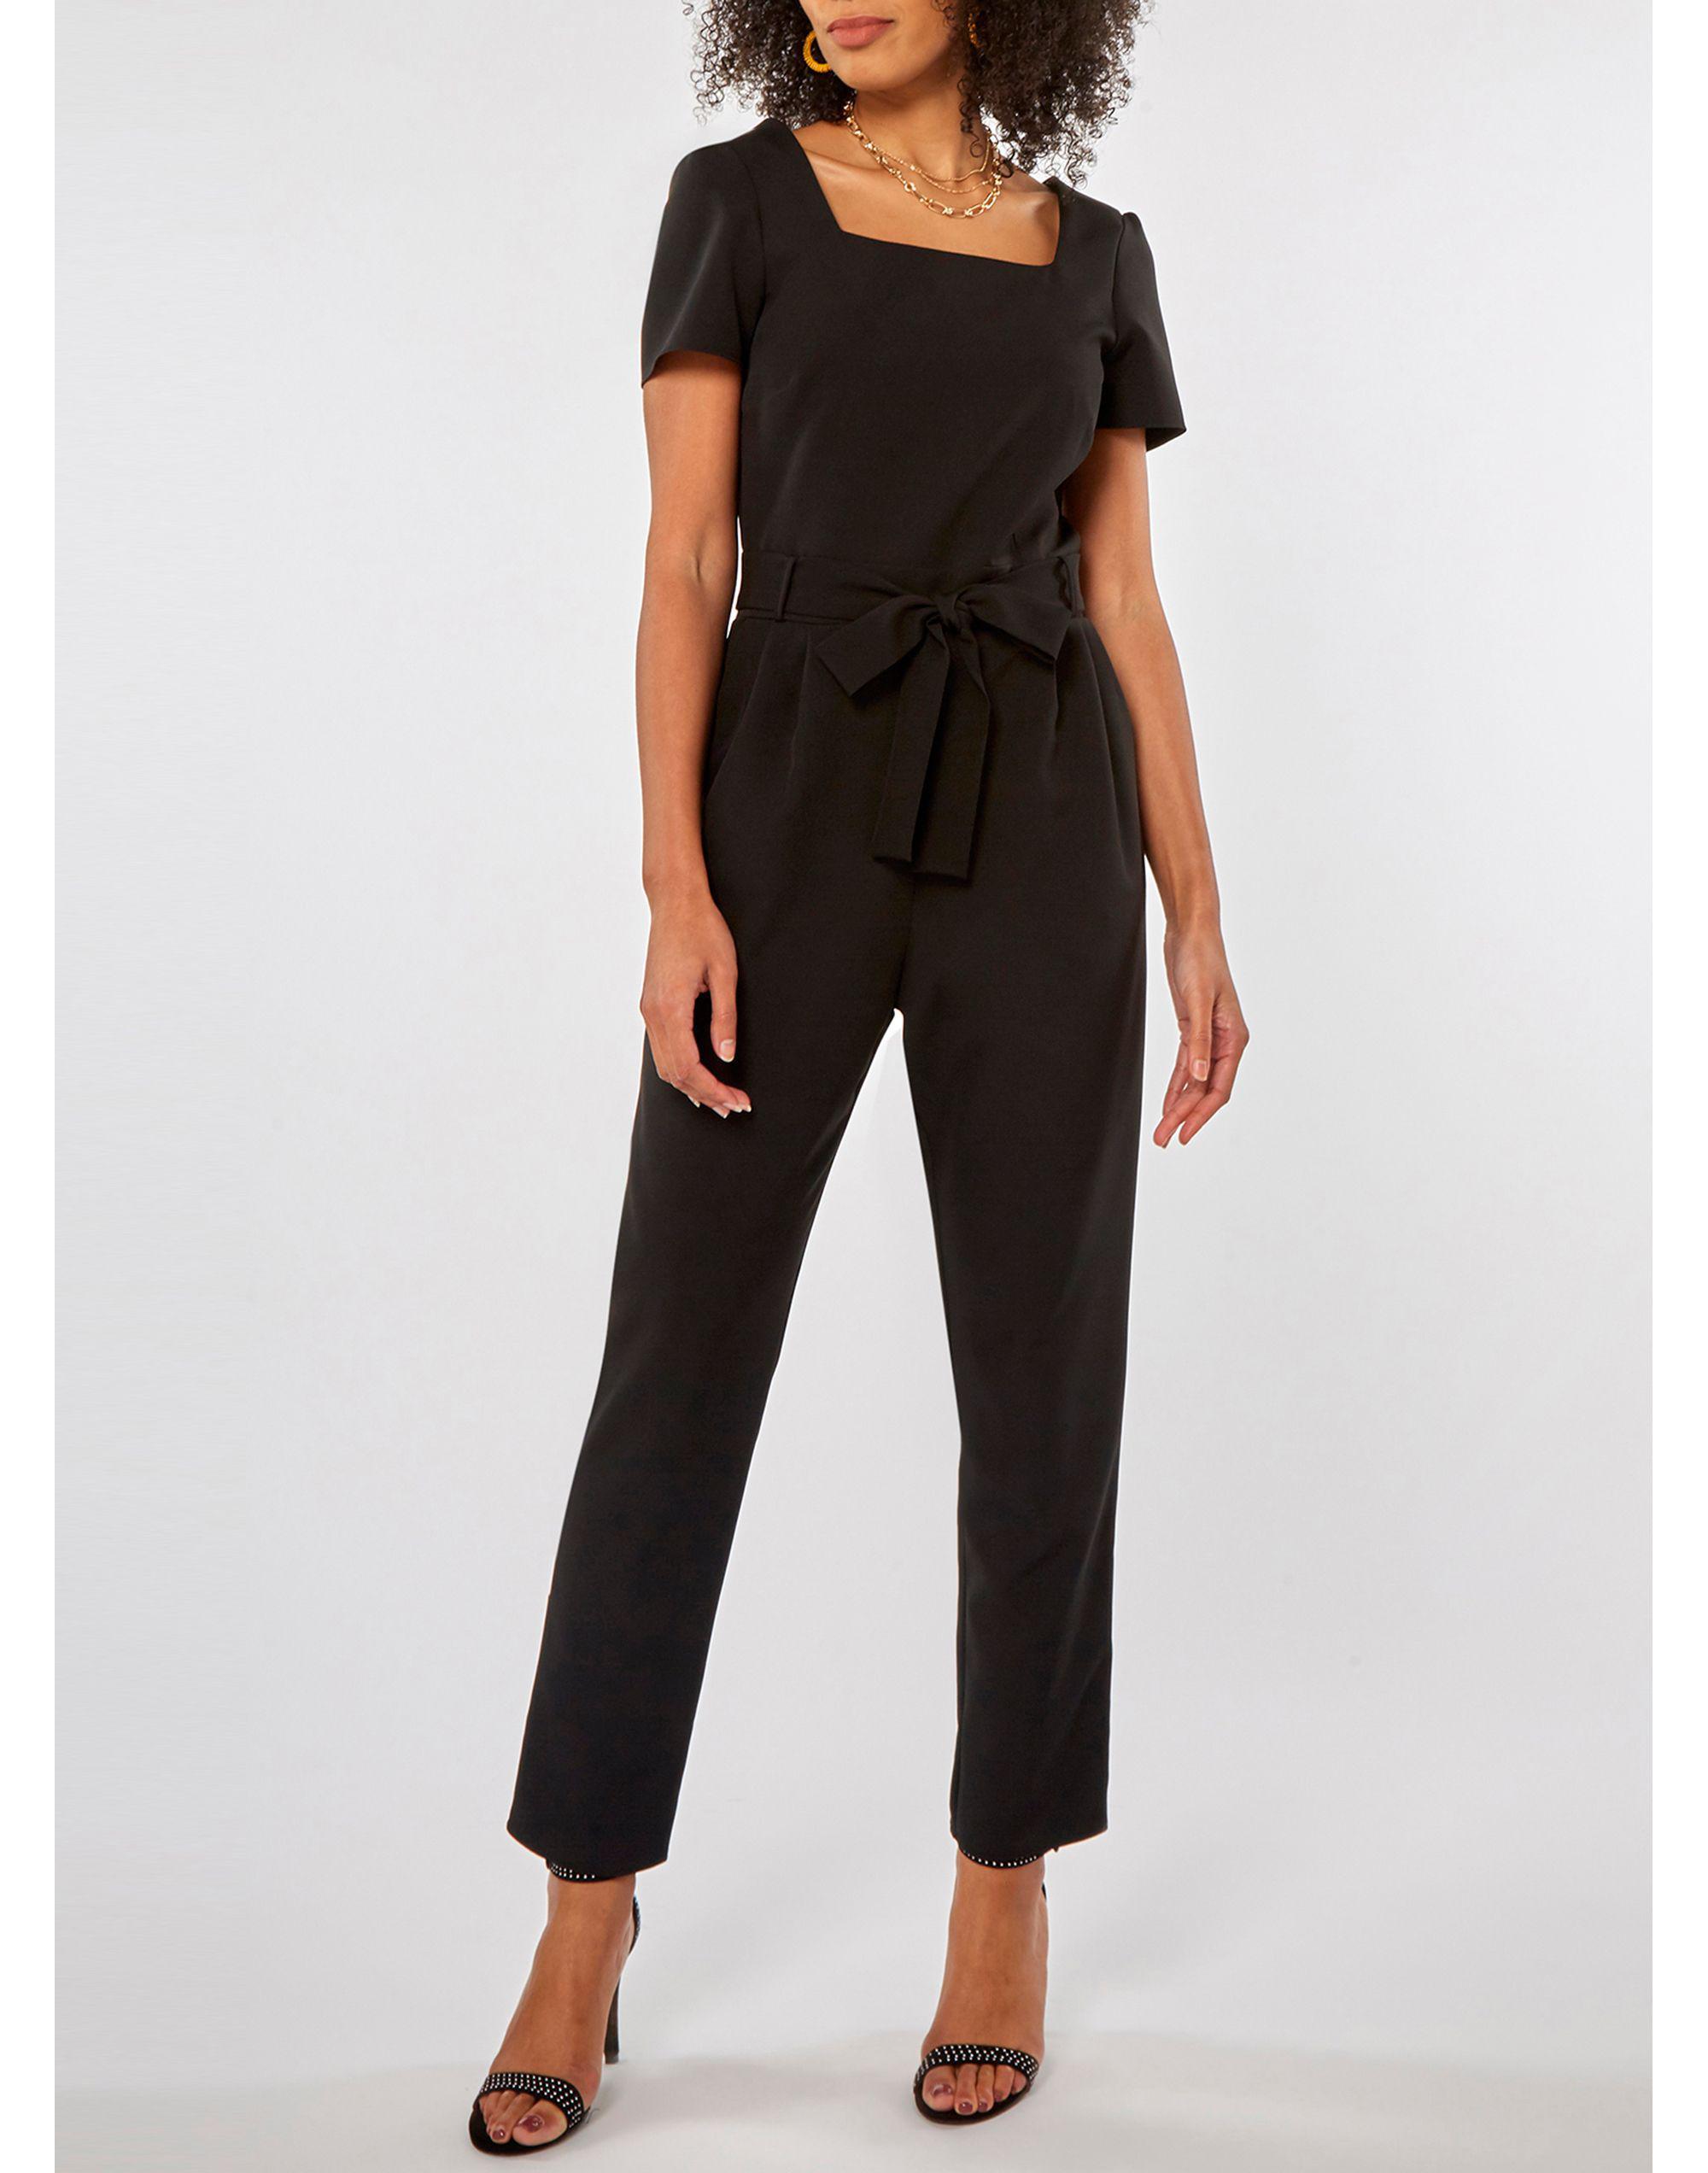 da030a458253 Dorothy Perkins Black Square Neck Belted Jumpsuit in Black - Lyst